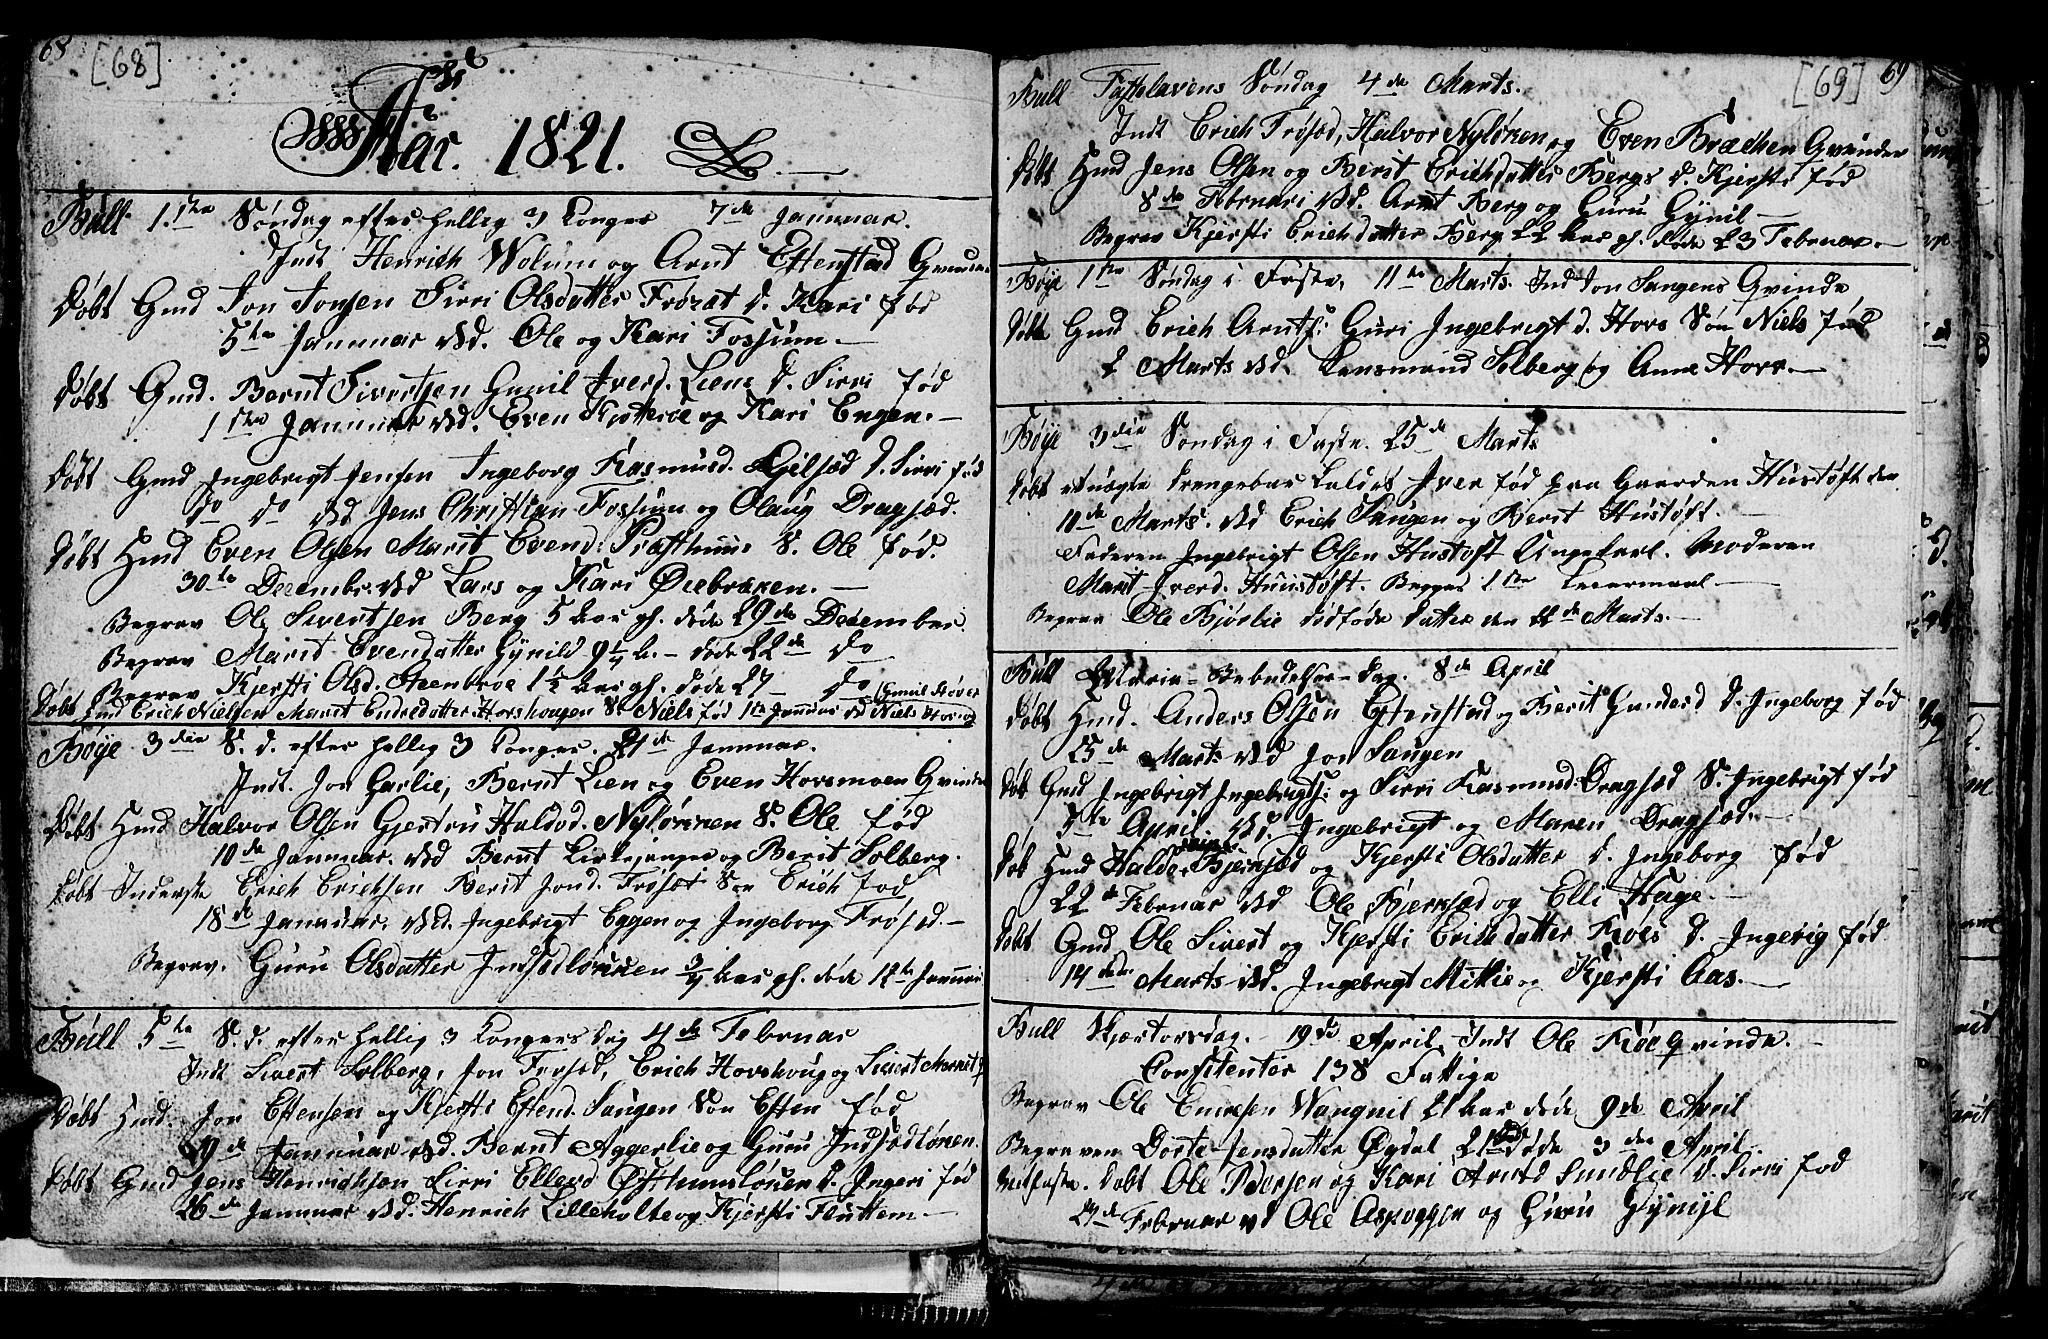 SAT, Ministerialprotokoller, klokkerbøker og fødselsregistre - Sør-Trøndelag, 689/L1042: Klokkerbok nr. 689C01, 1812-1841, s. 68-69